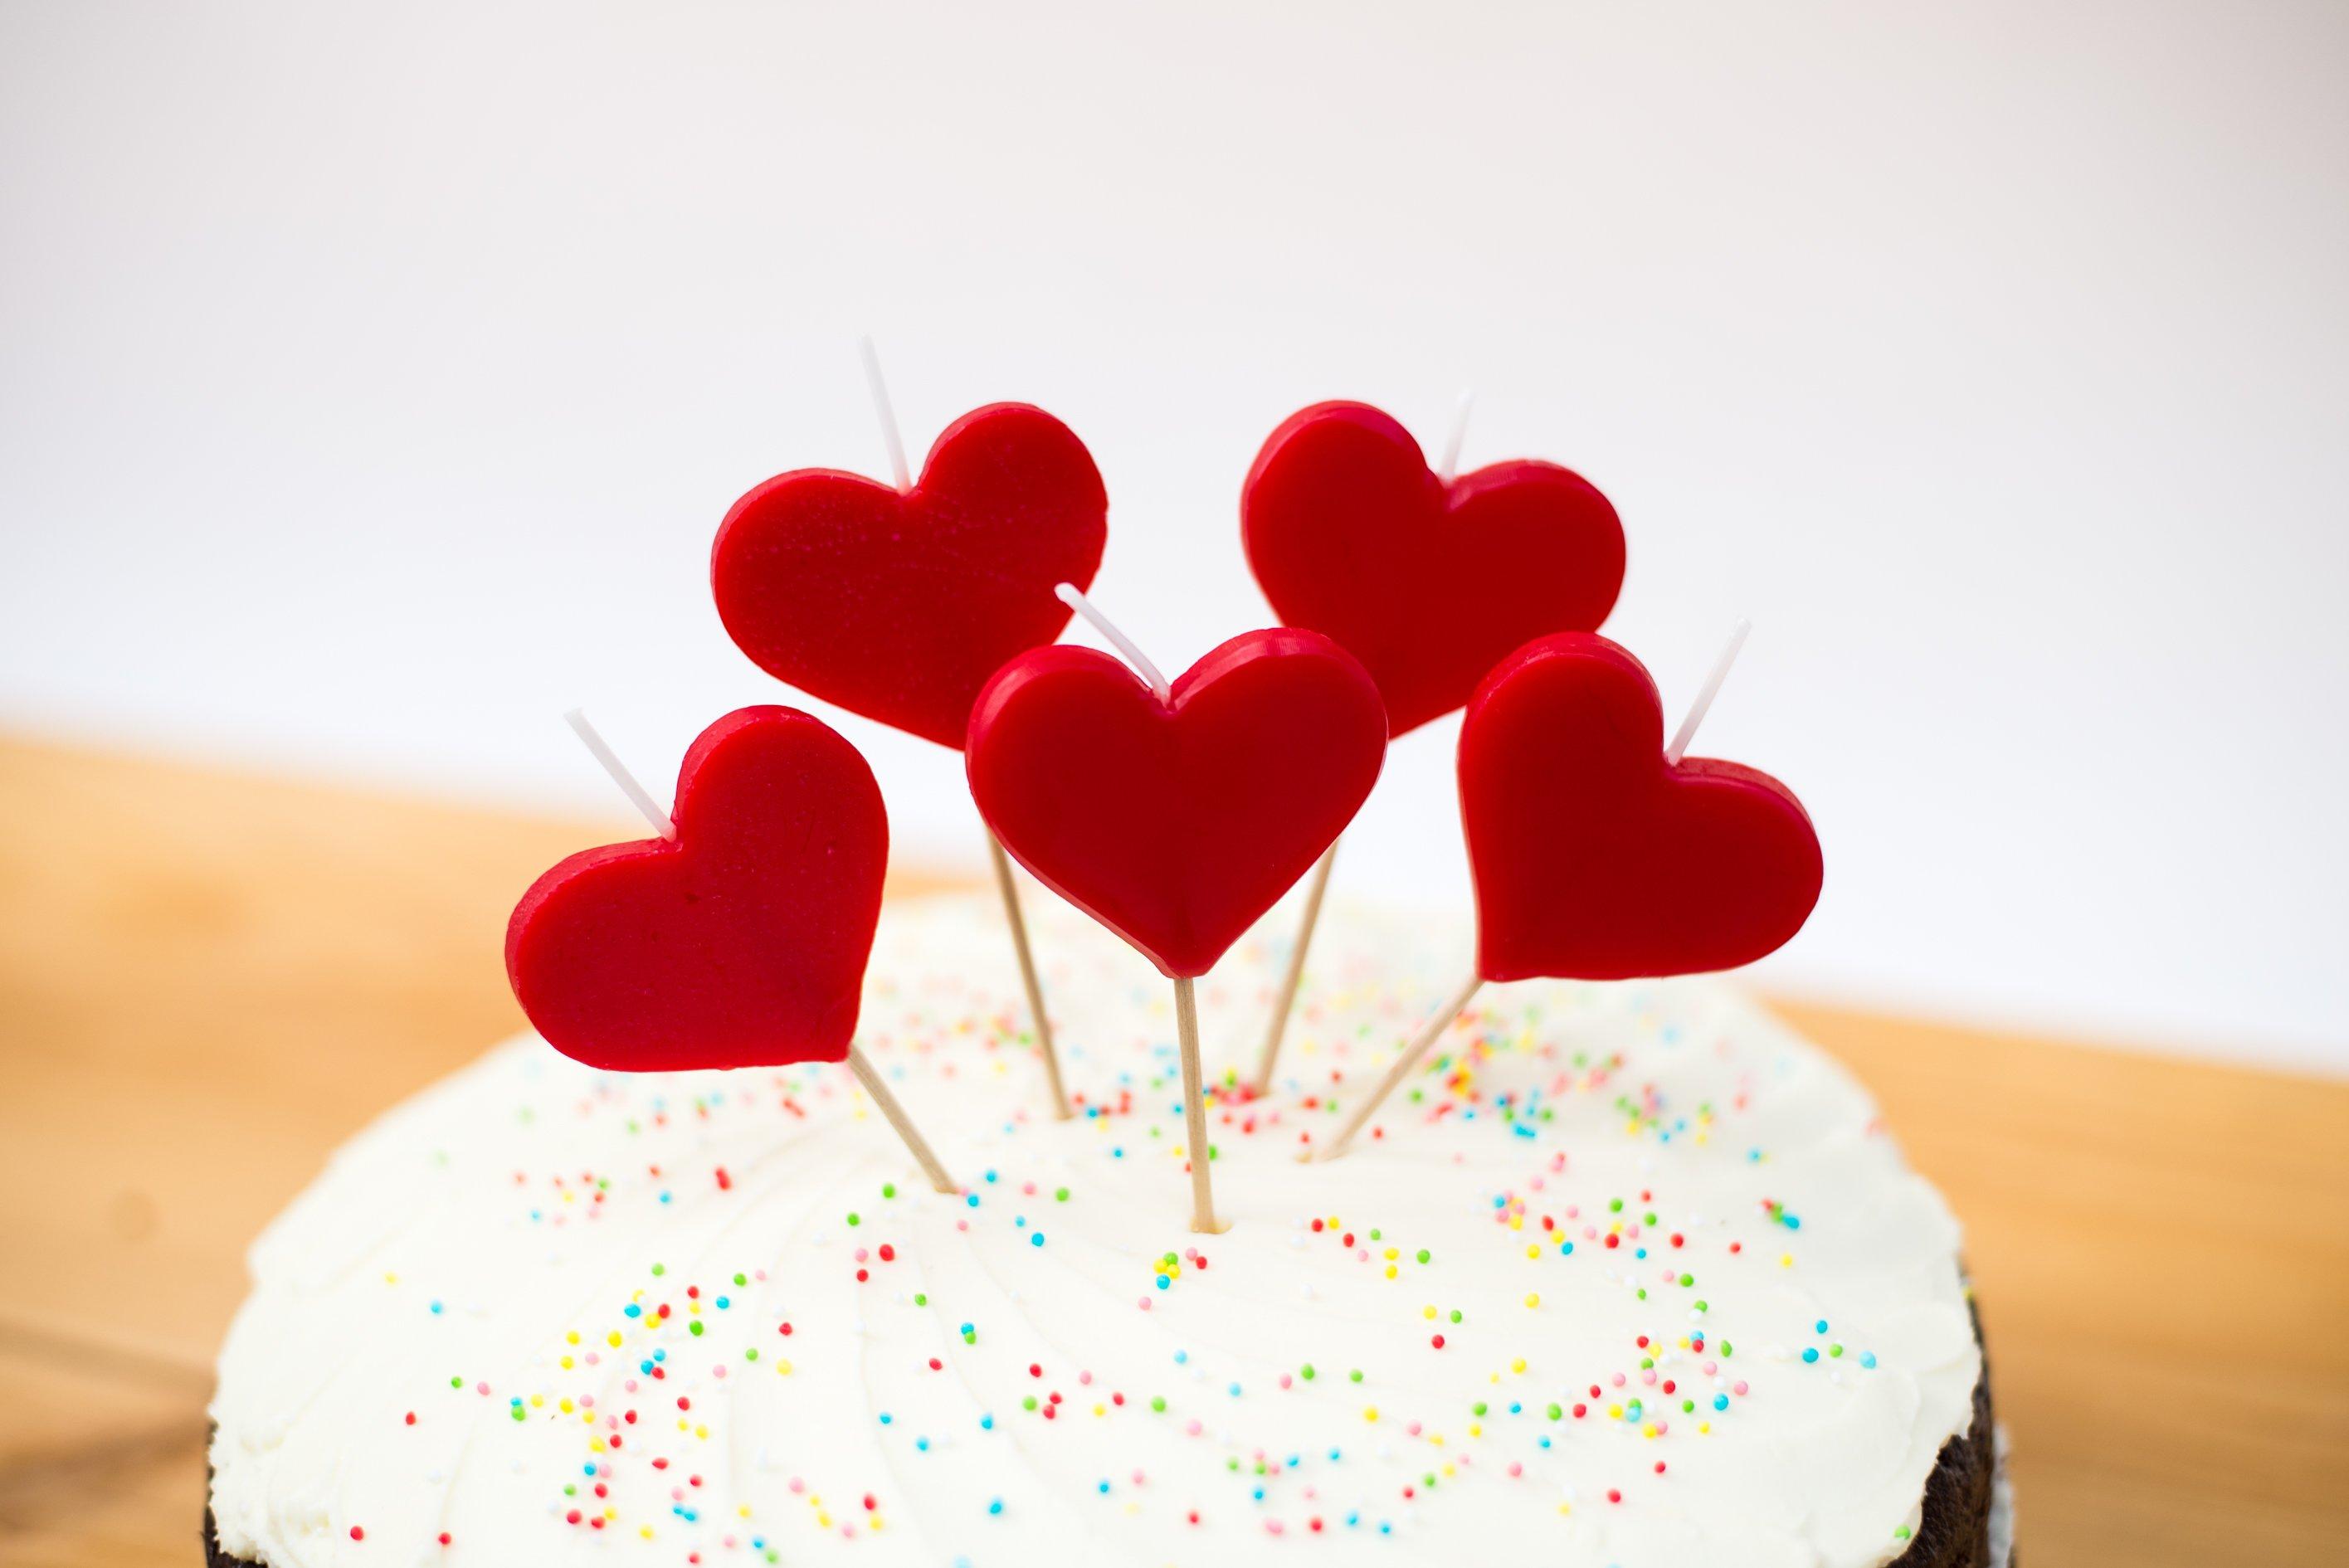 <b>Velas de corazón</b> <br>el complemento perfecto